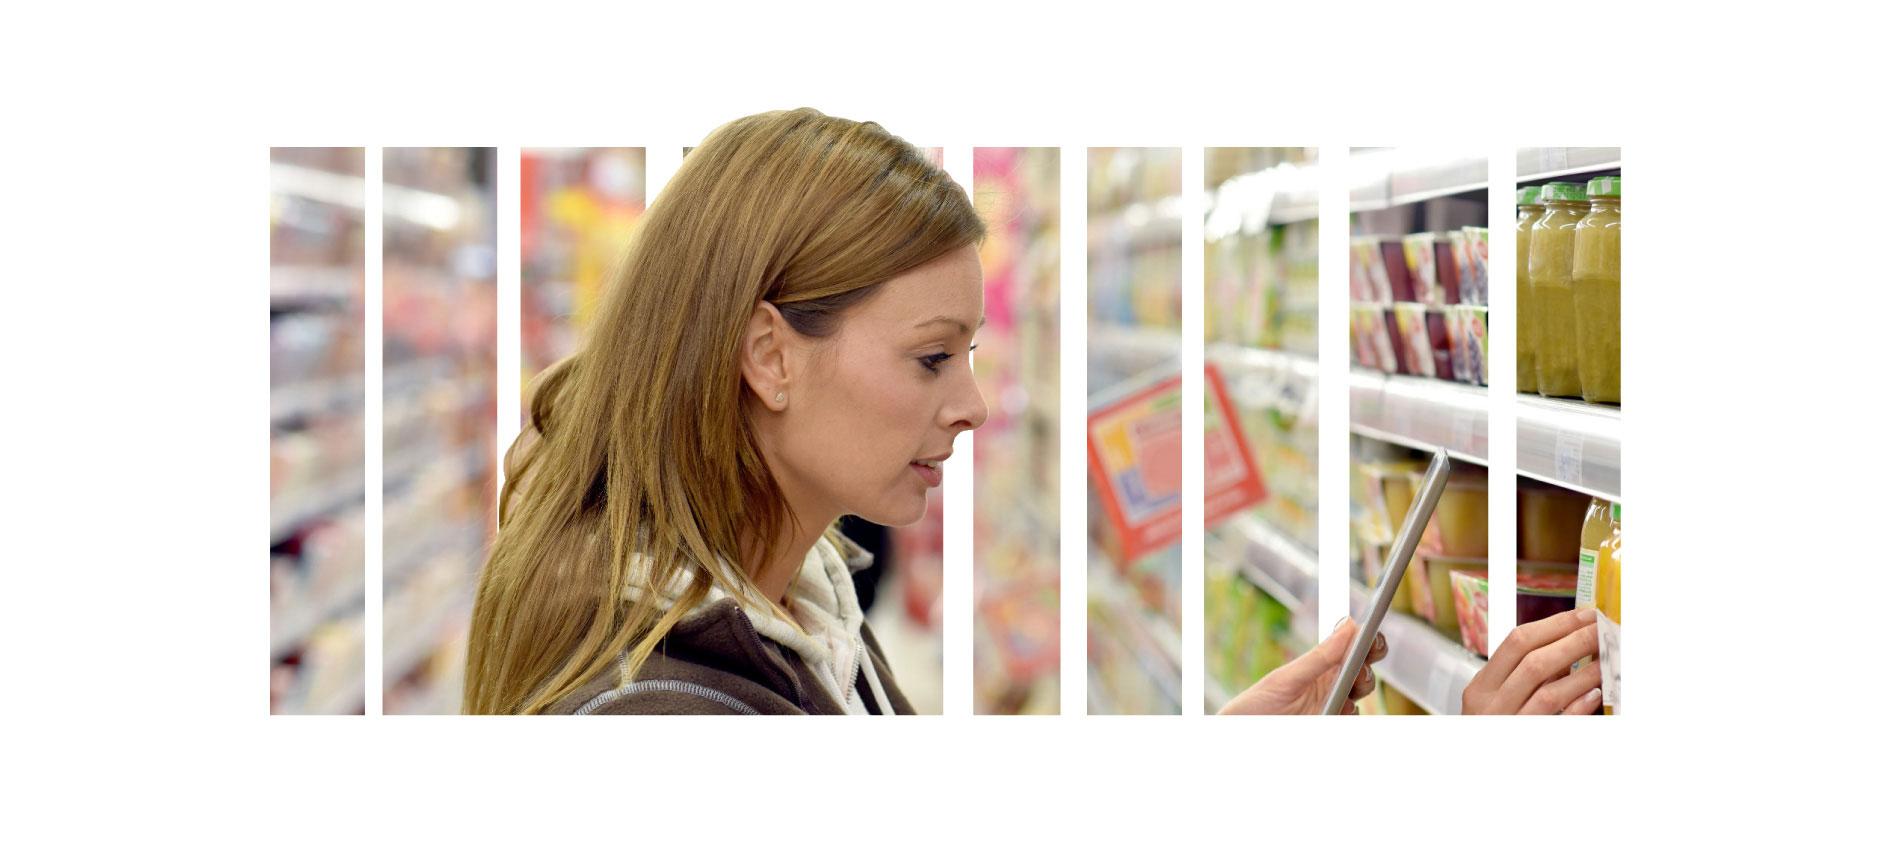 identificazione automatica per il retail